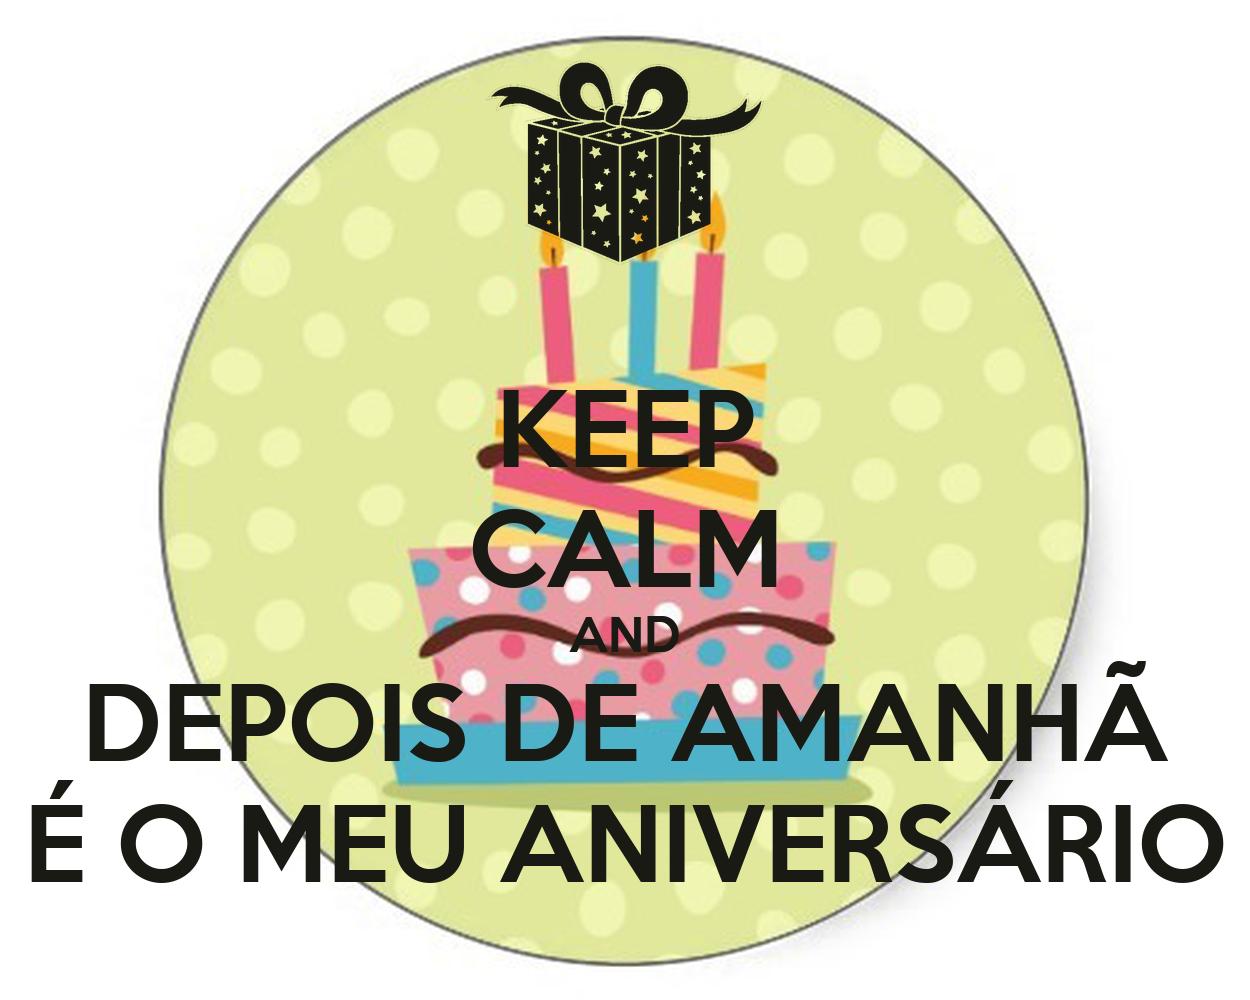 KEEP CALM AND DEPOIS DE AMANHÃ É O MEU ANIVERSÁRIO Poster